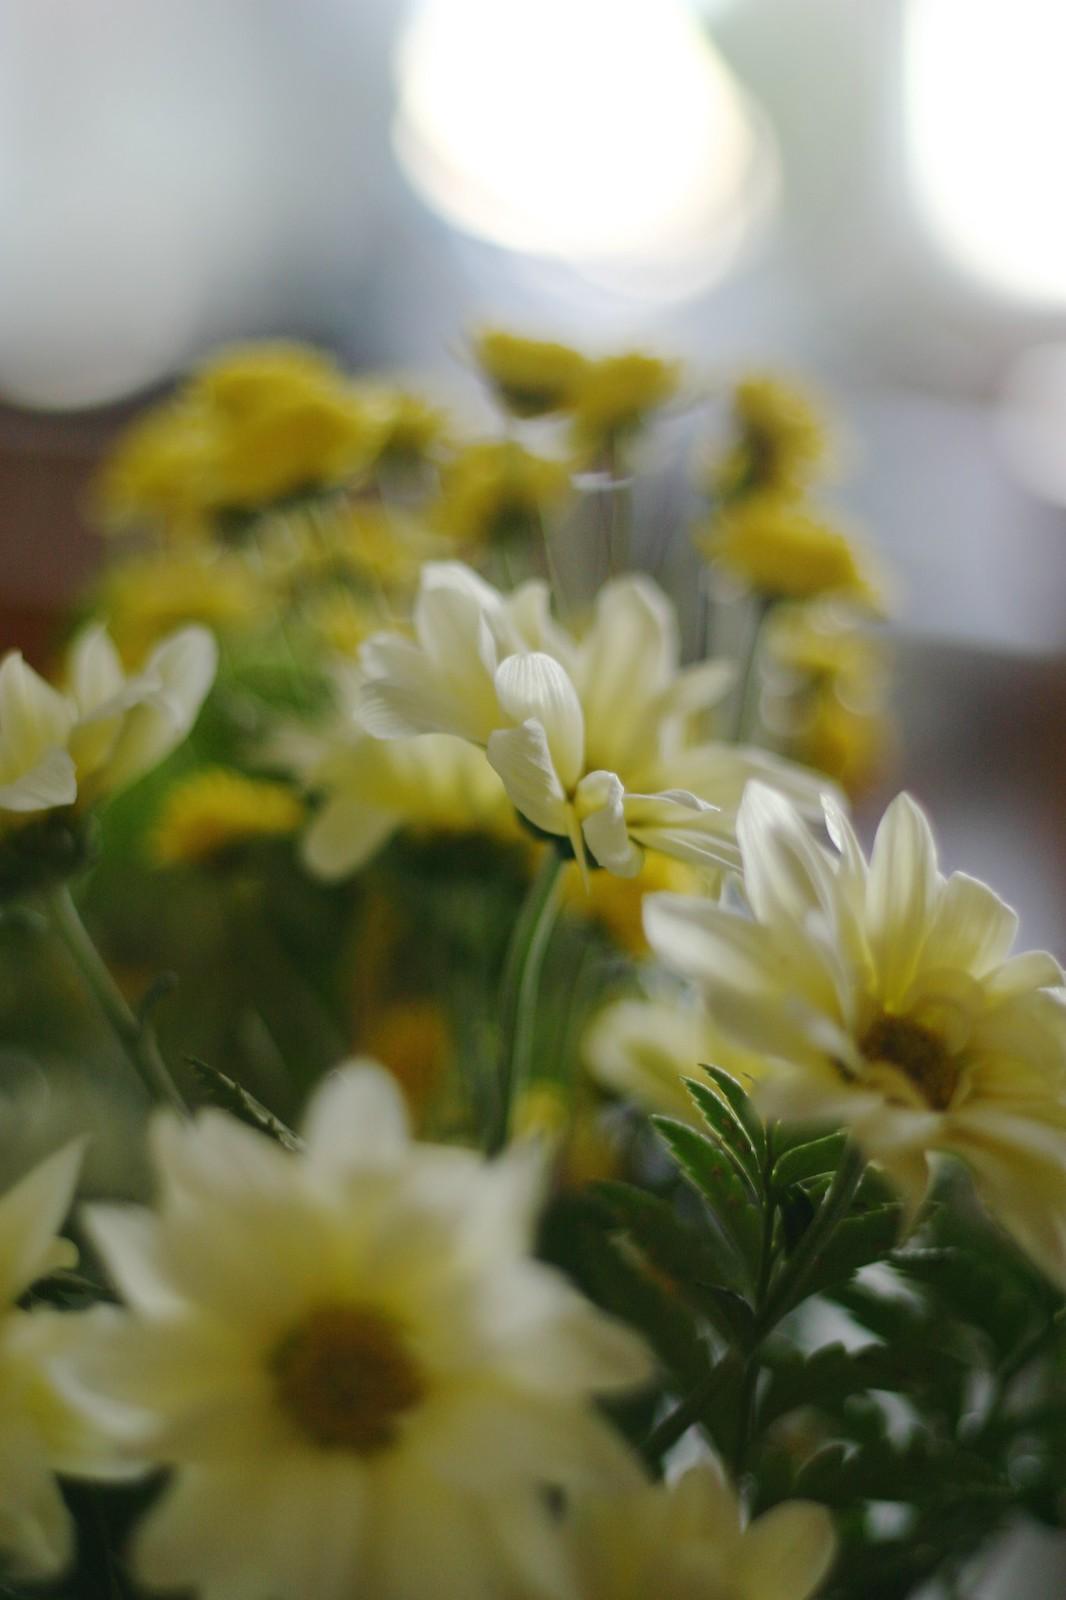 +flores_8_20150116 - Version 2